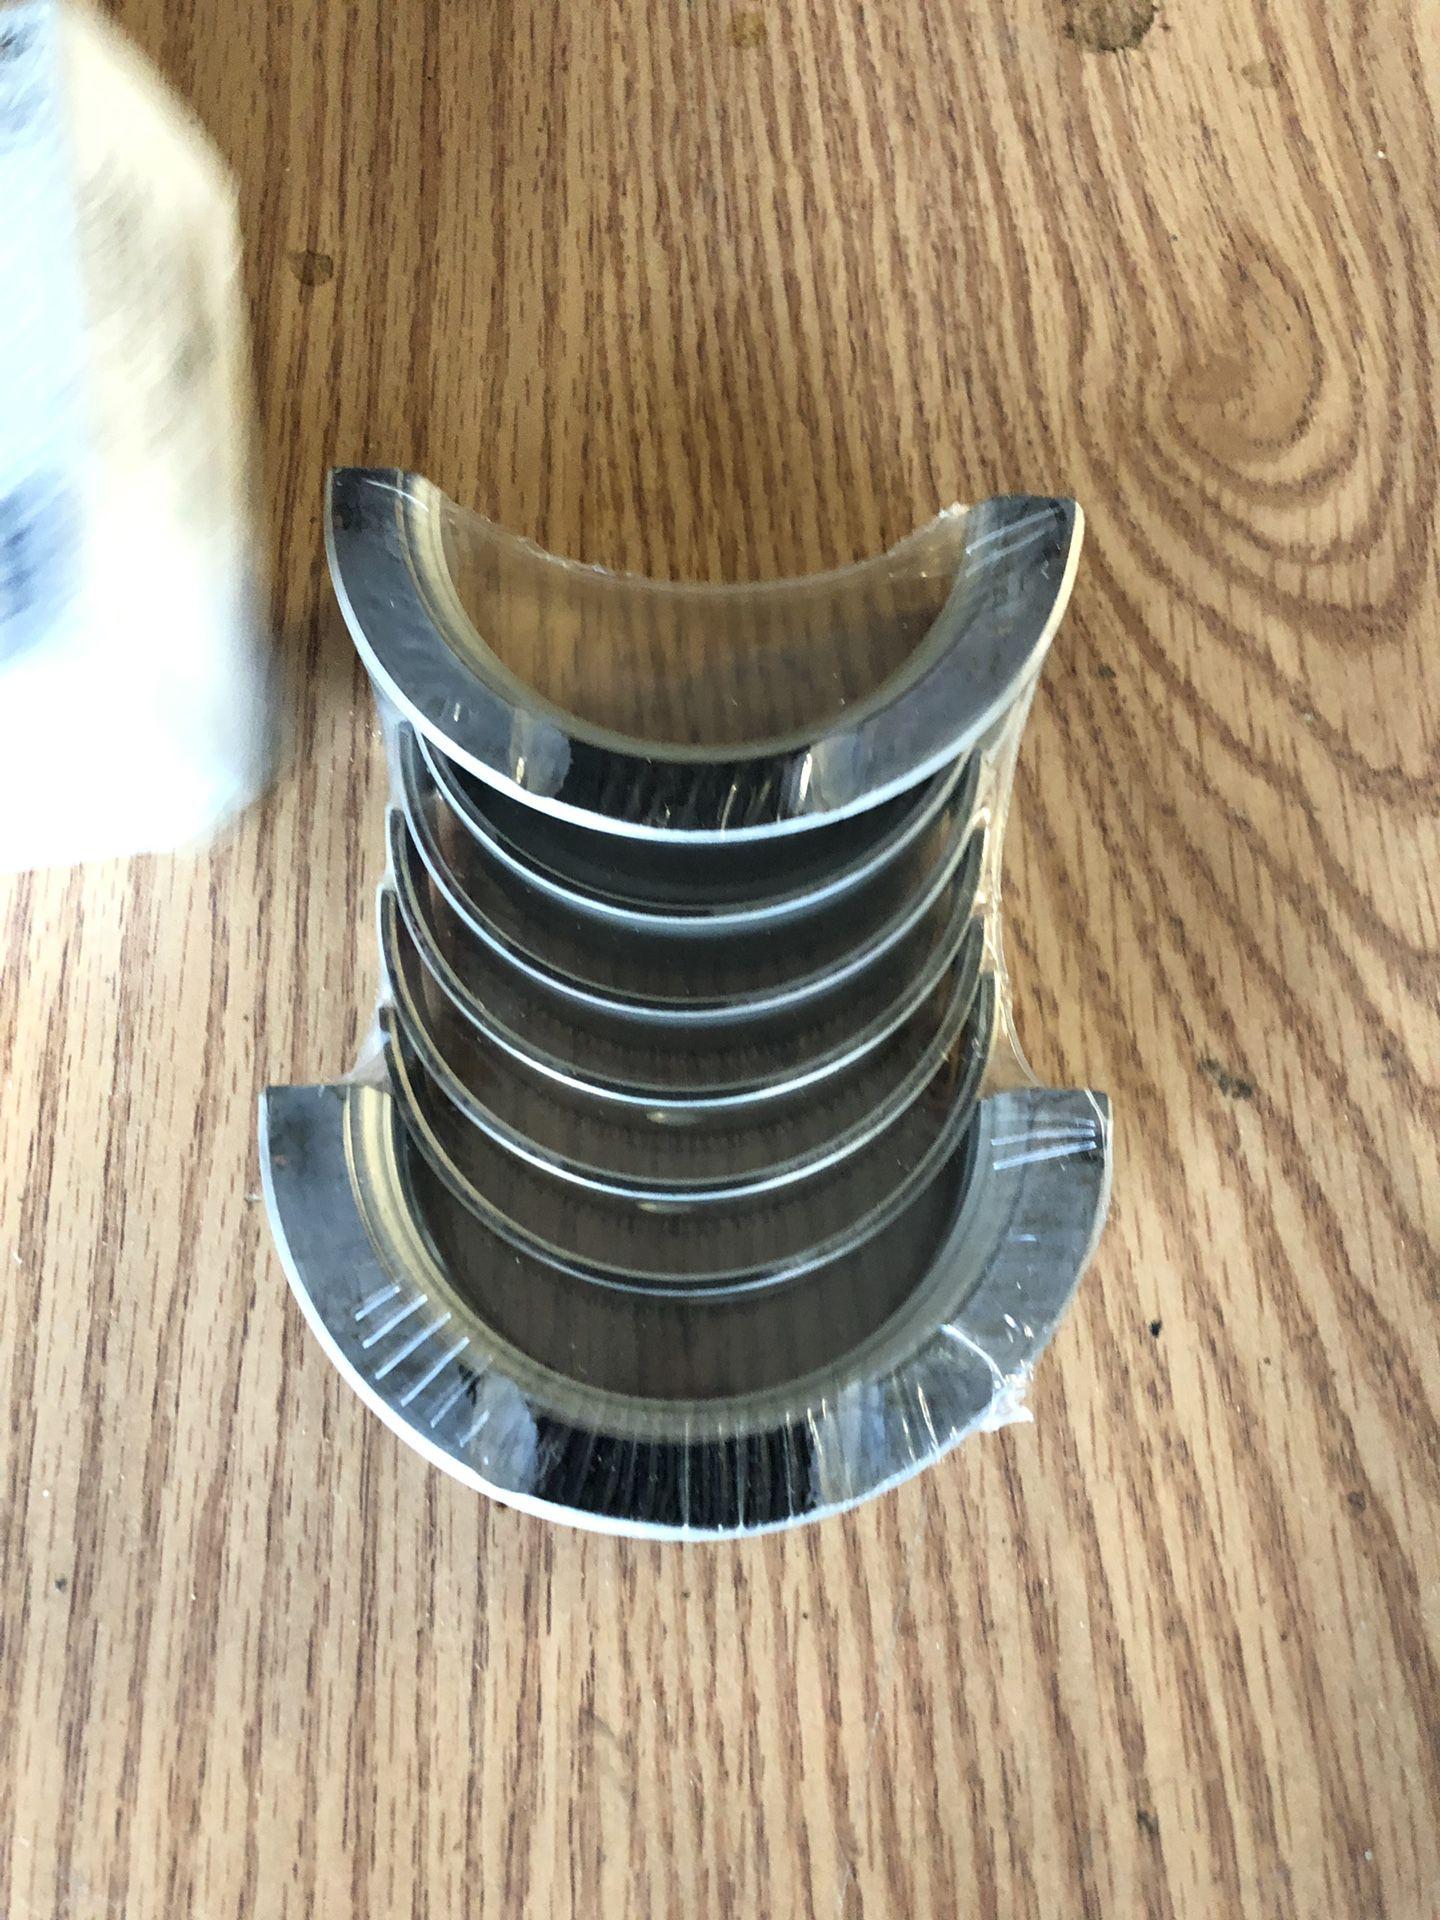 07 3.7L. Wrangler Bearing crank shafr